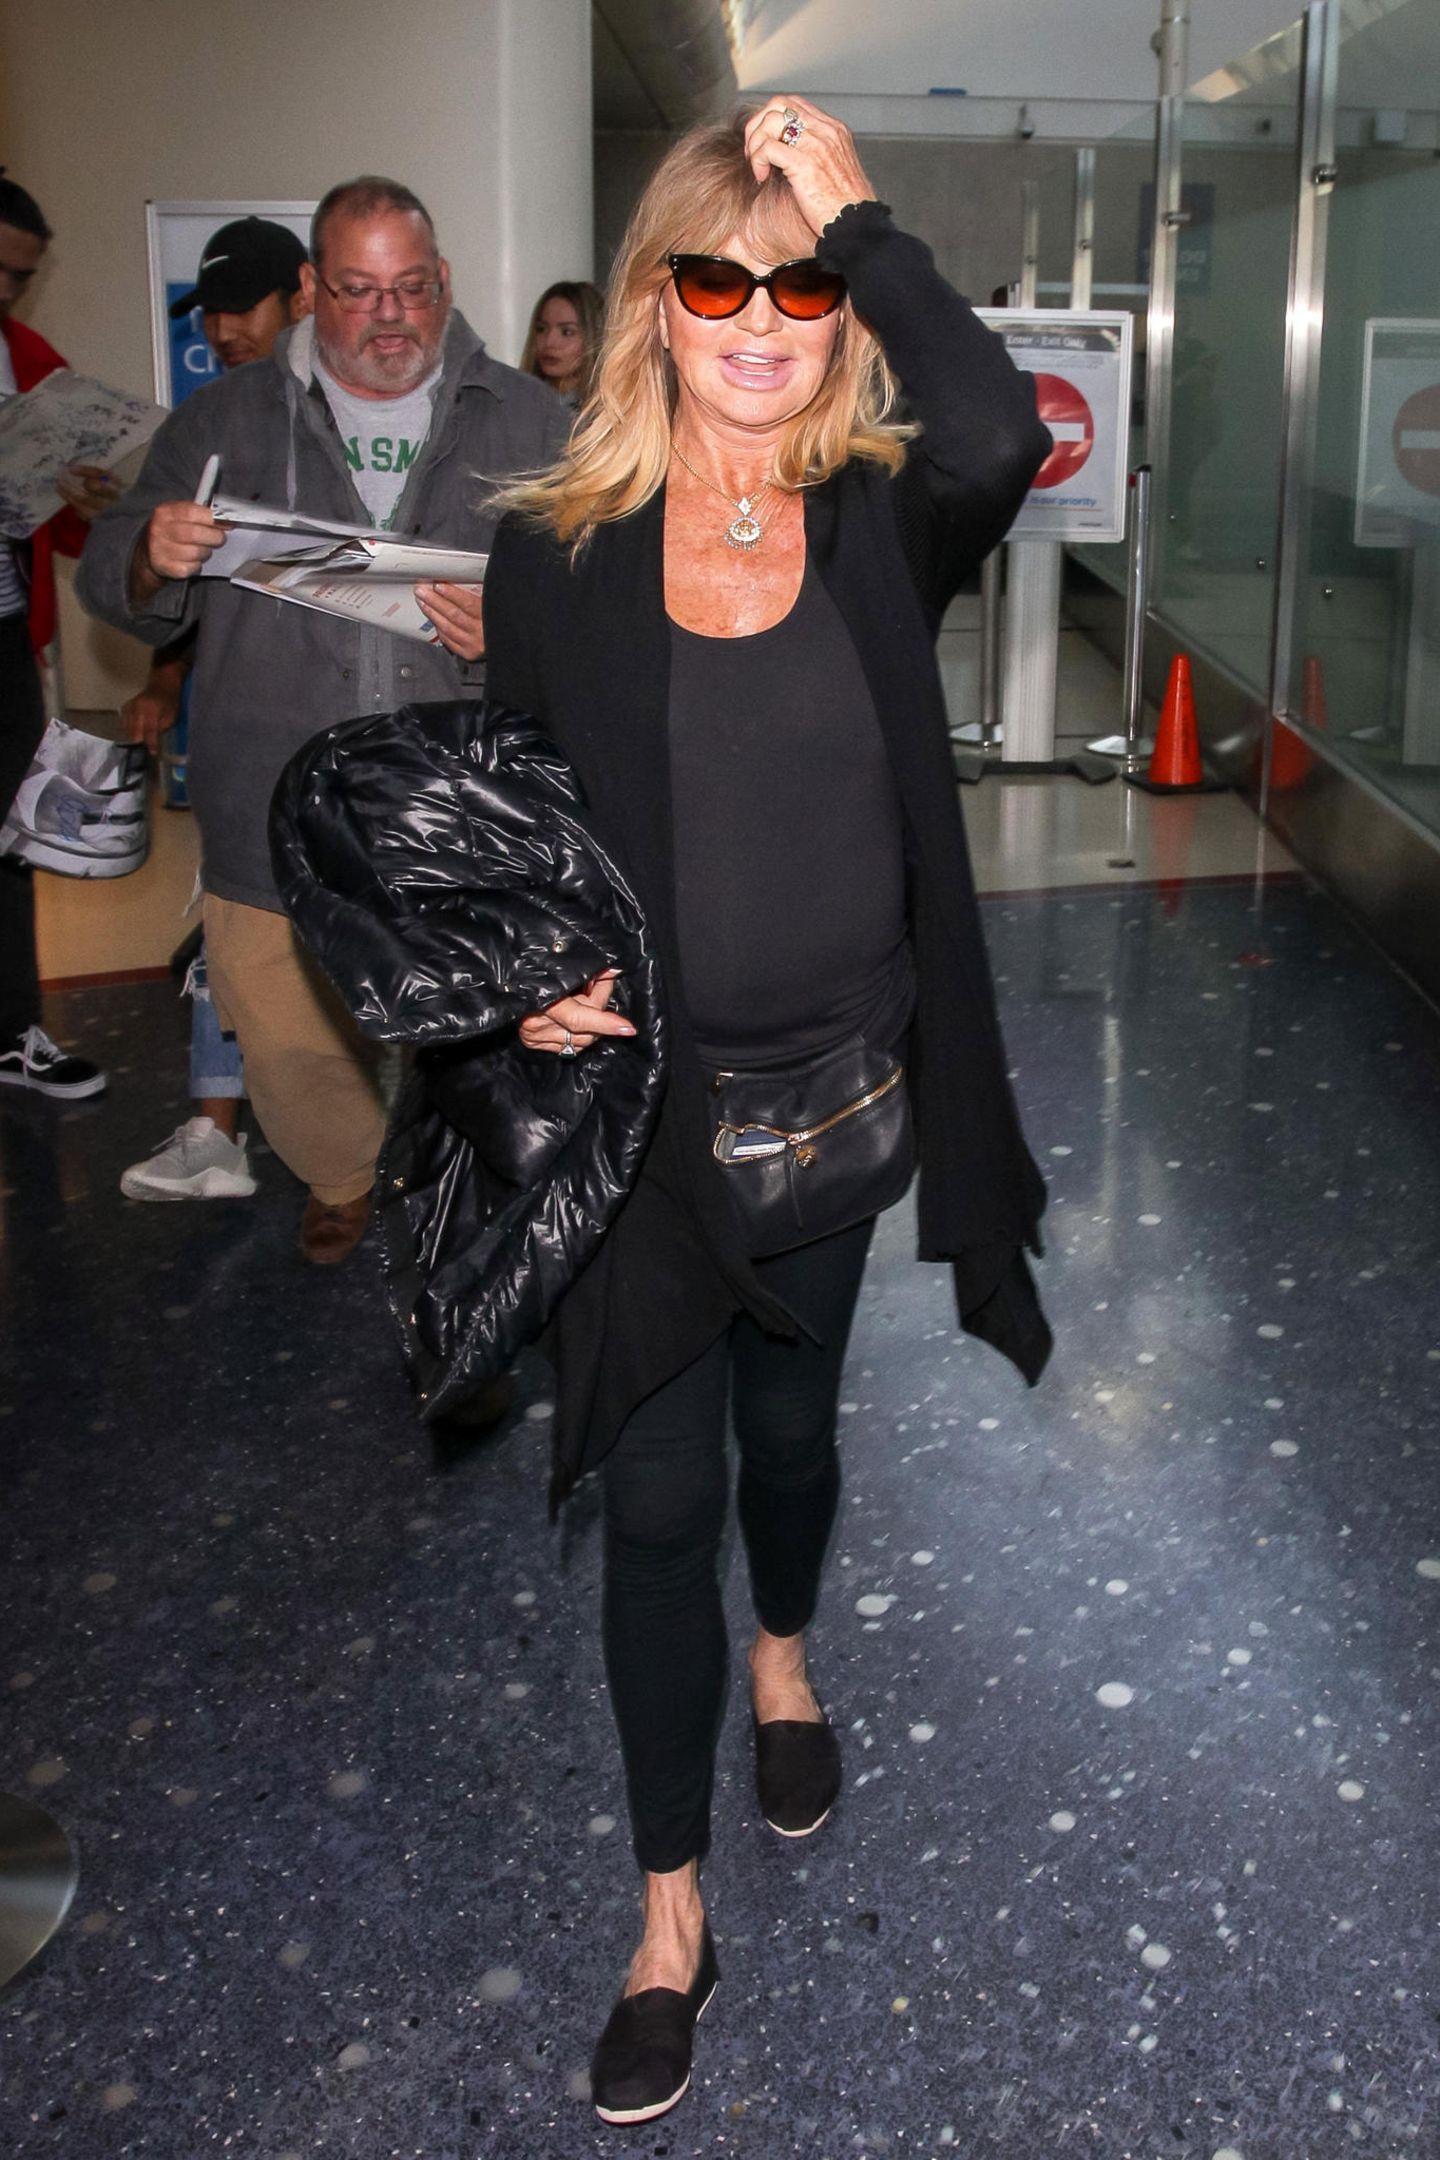 Ganz in Schwarz mit gemütlichen Espandrillos, praktischer Bauchtasche und einer warmen Jacke gegen kühle Kabinenluft zeigt sich Goldie Hawn am Flughafen von L.A.